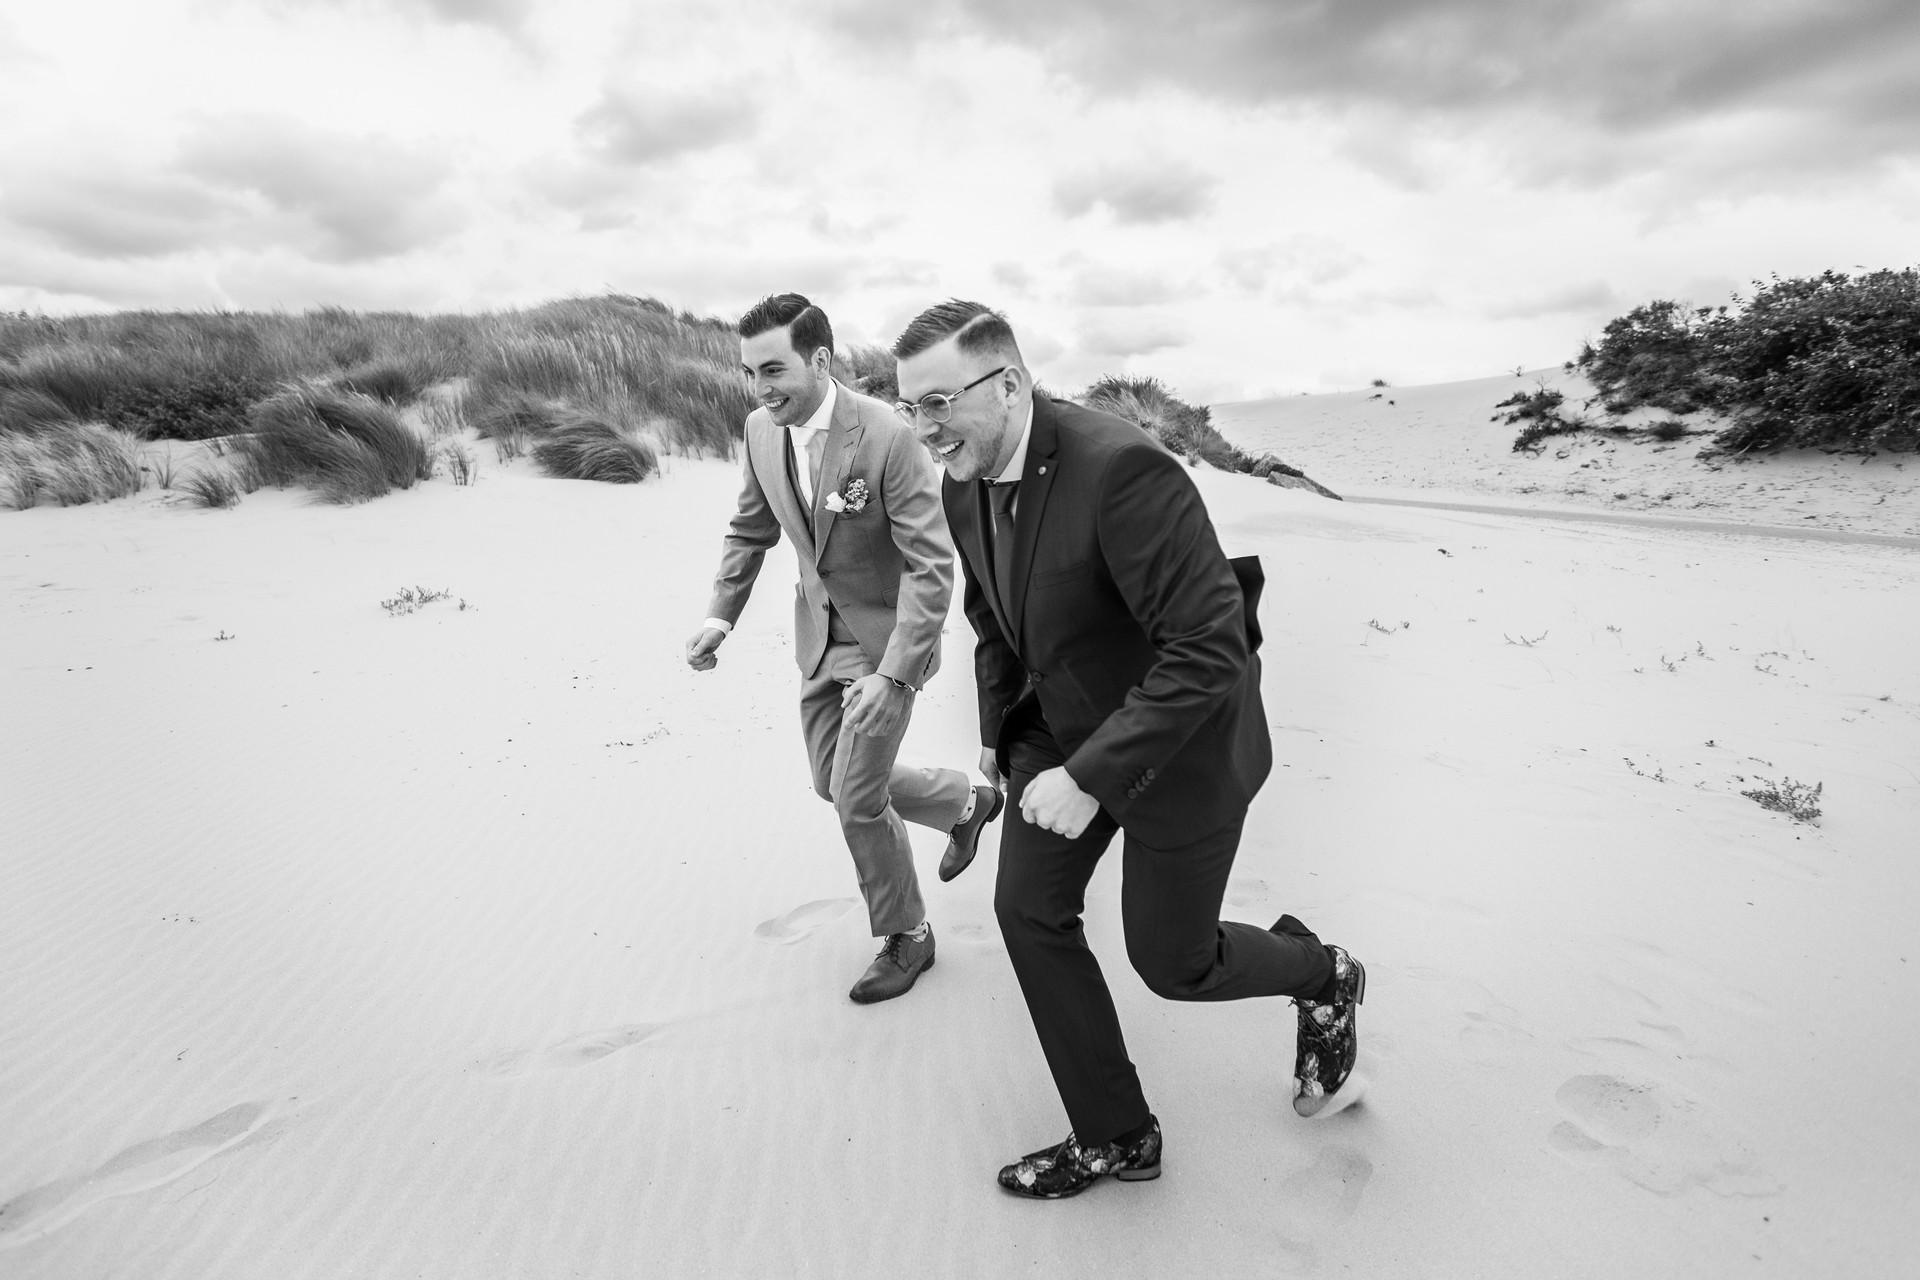 Bruiloft foto uitdagende broers